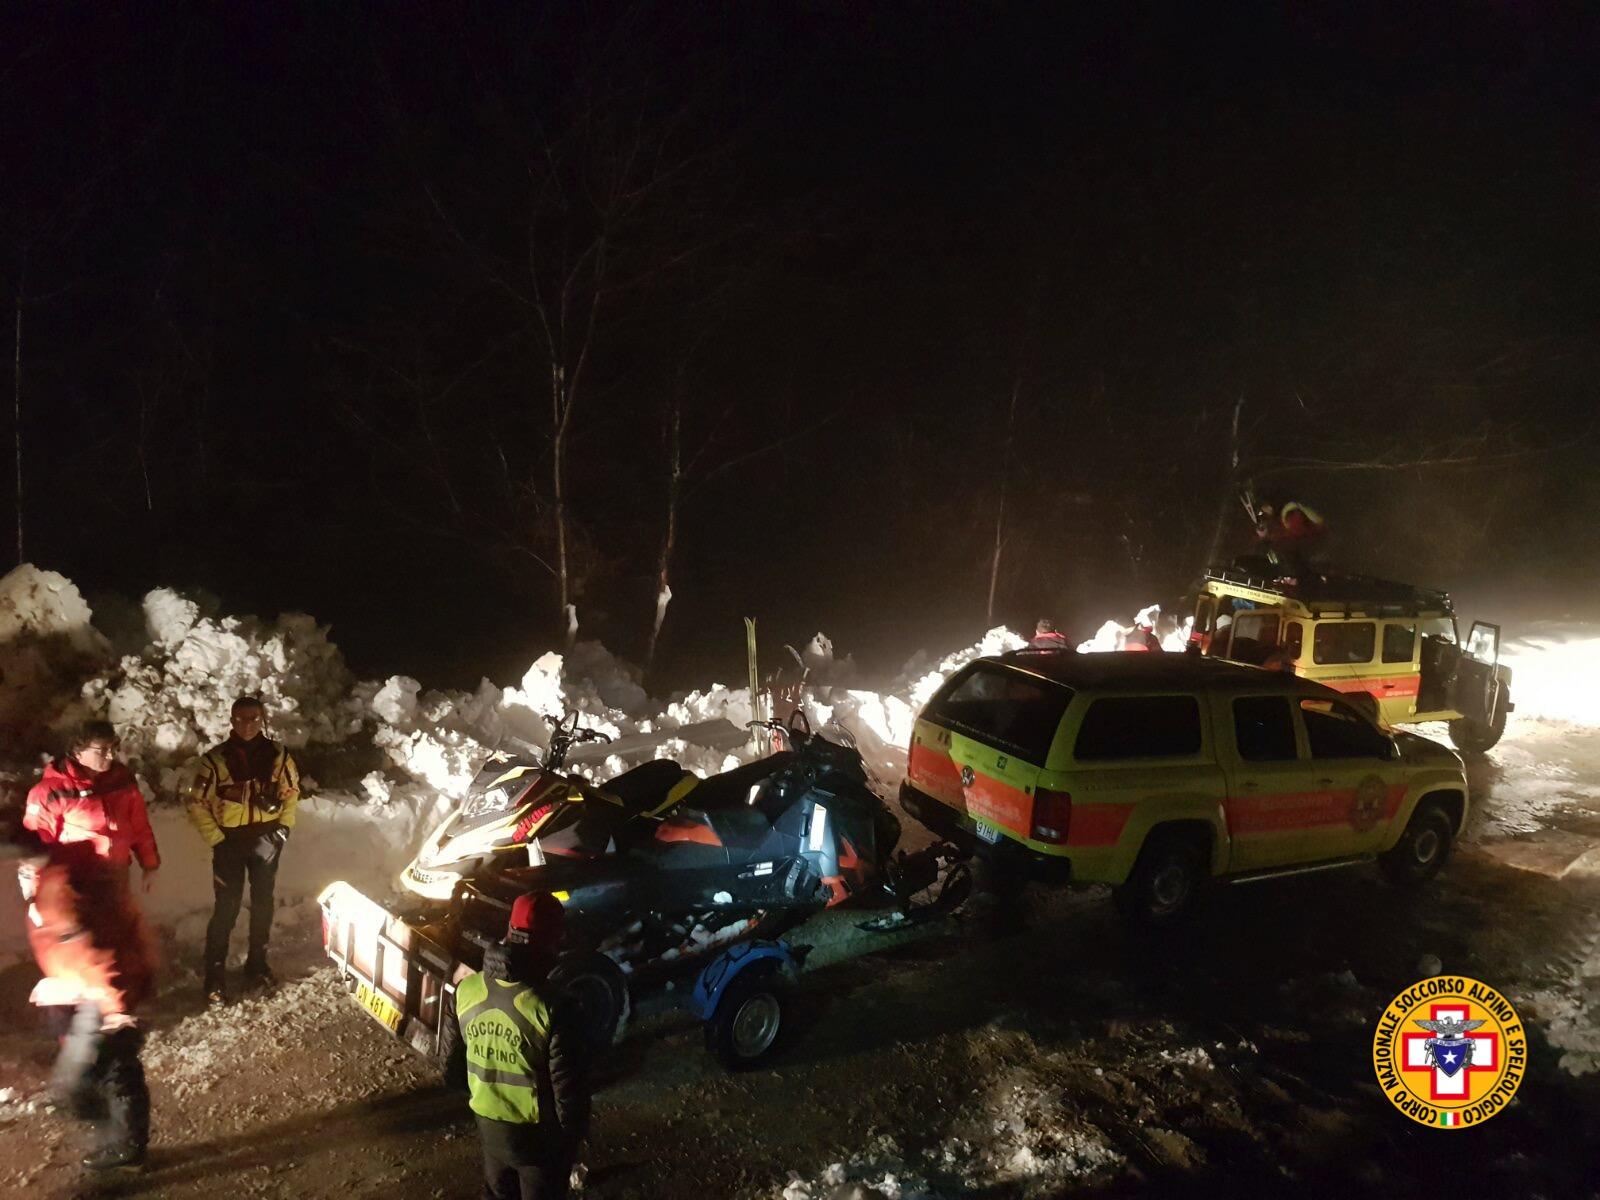 Emergenza neve in Centro Italia: il cuore straordinario dell'Italia che sa aiutare gli altri | Emergency Live 31